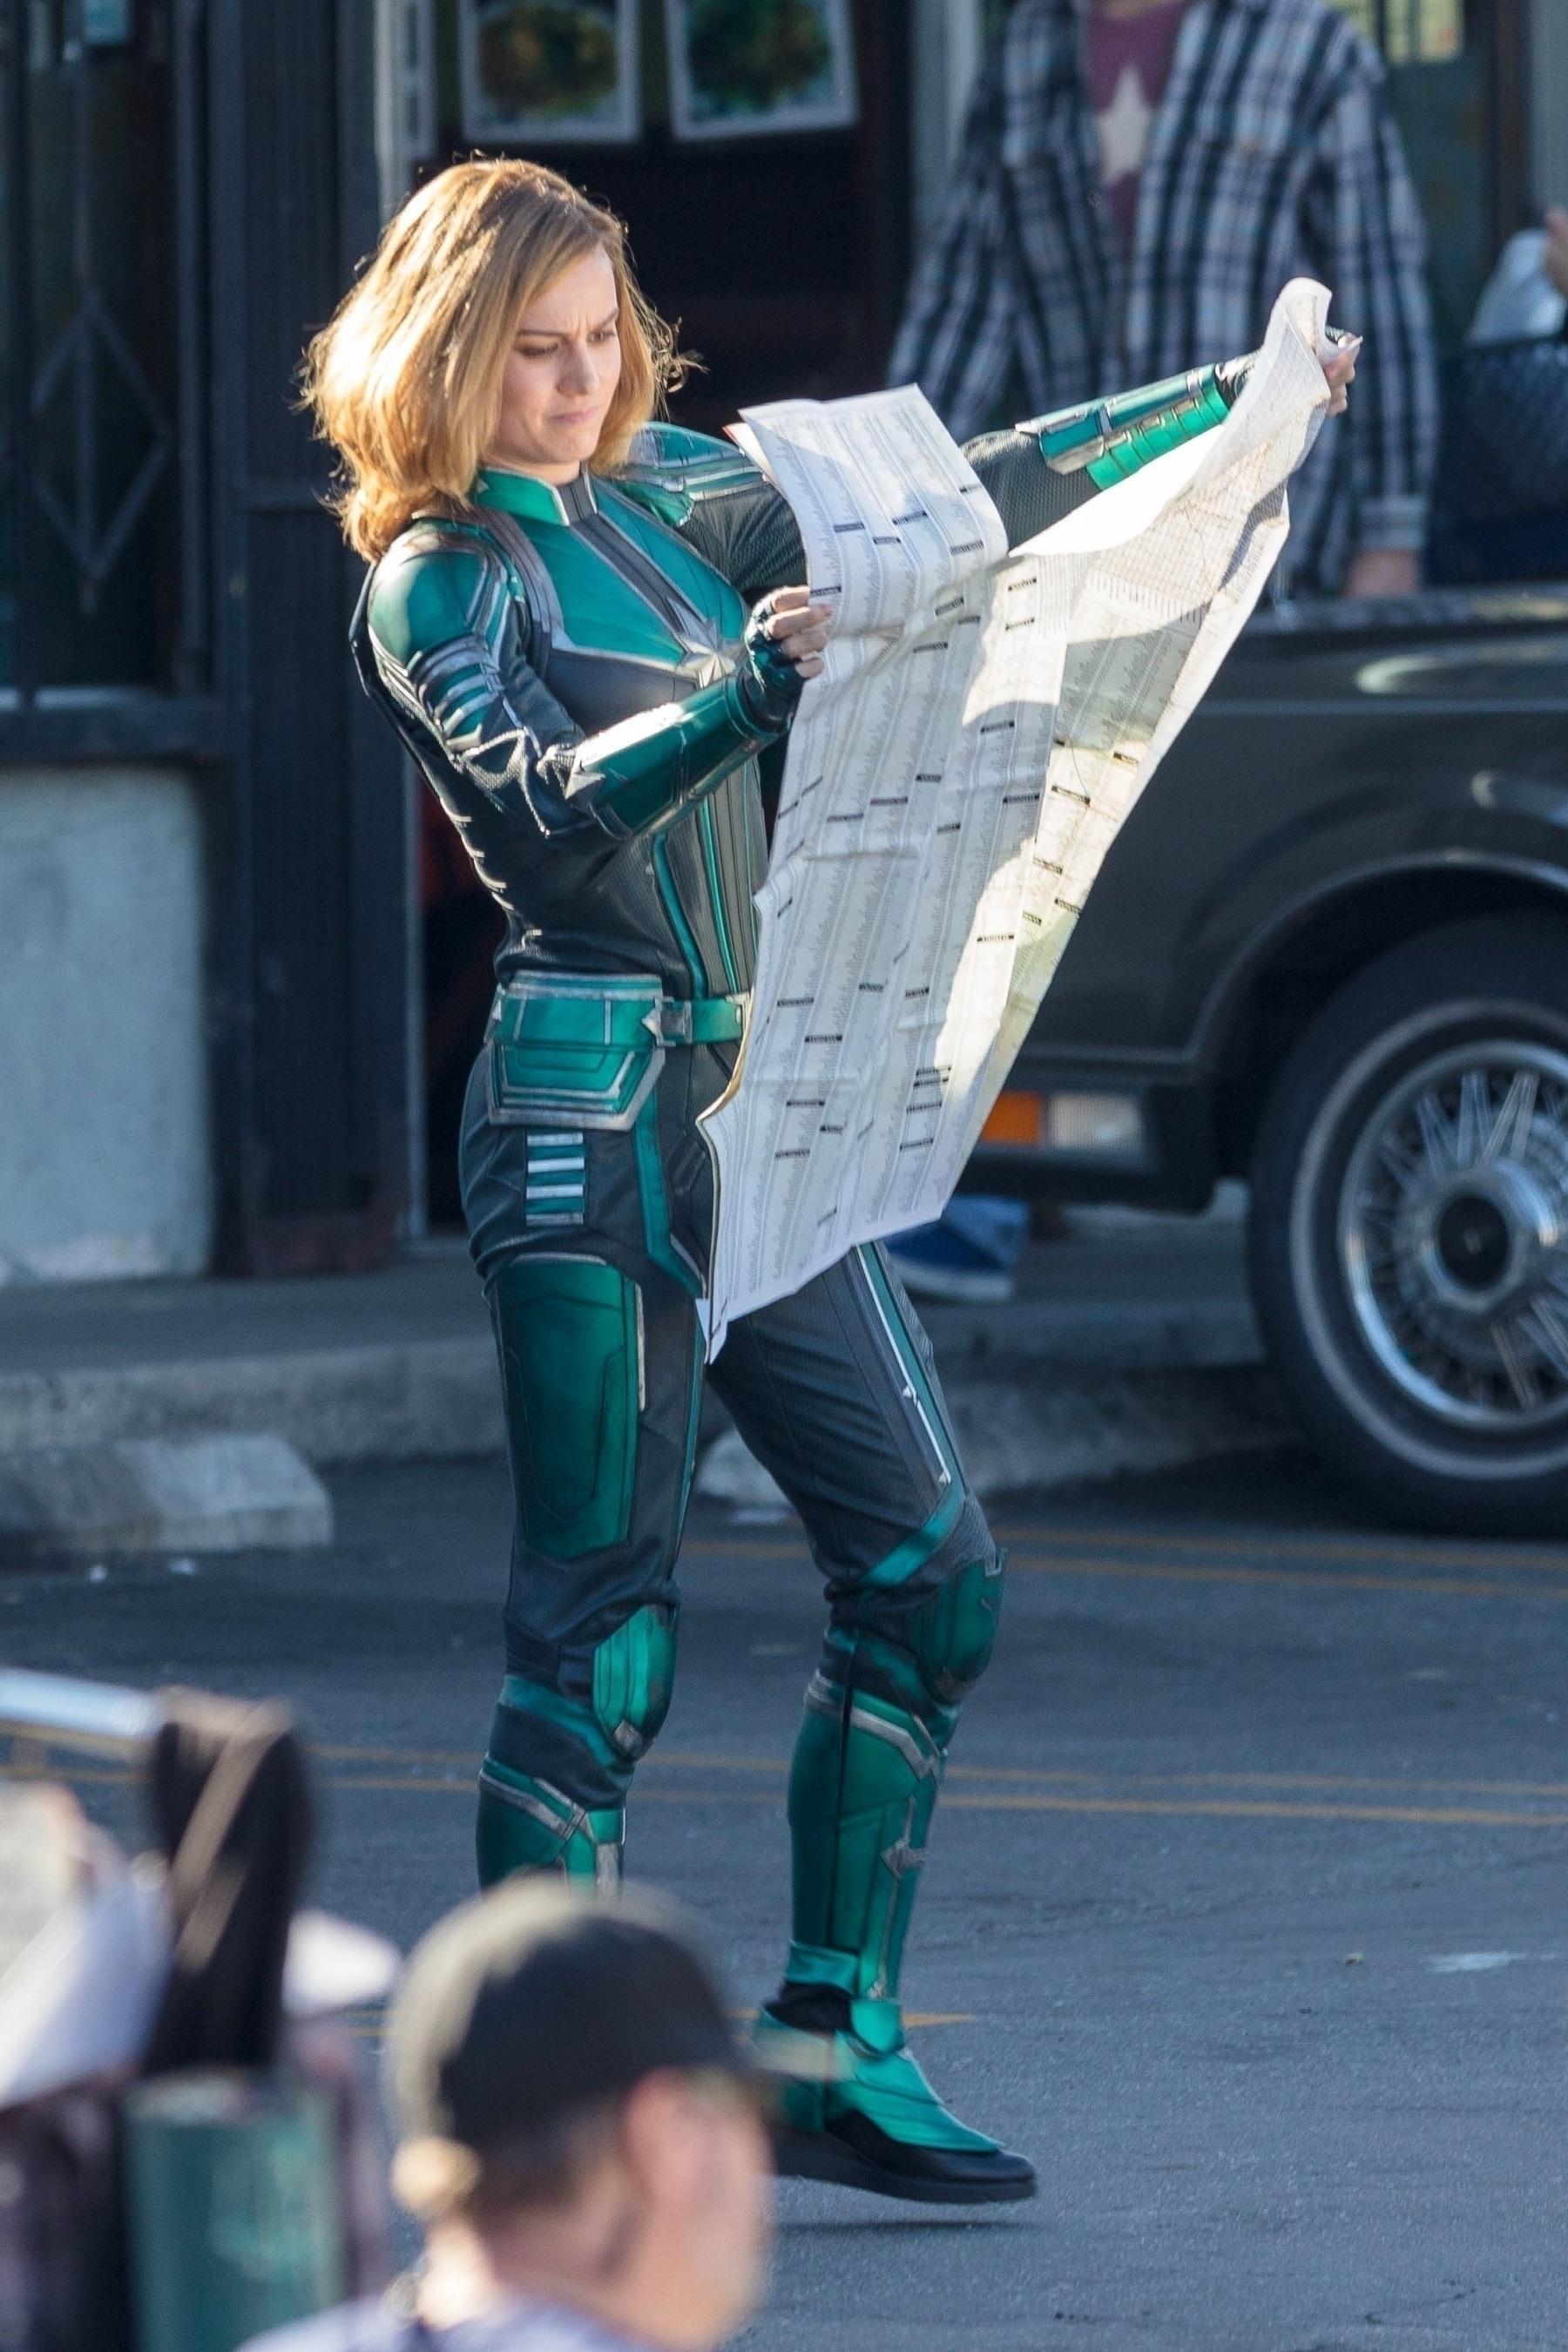 Brie Larson Captain Marvel 8